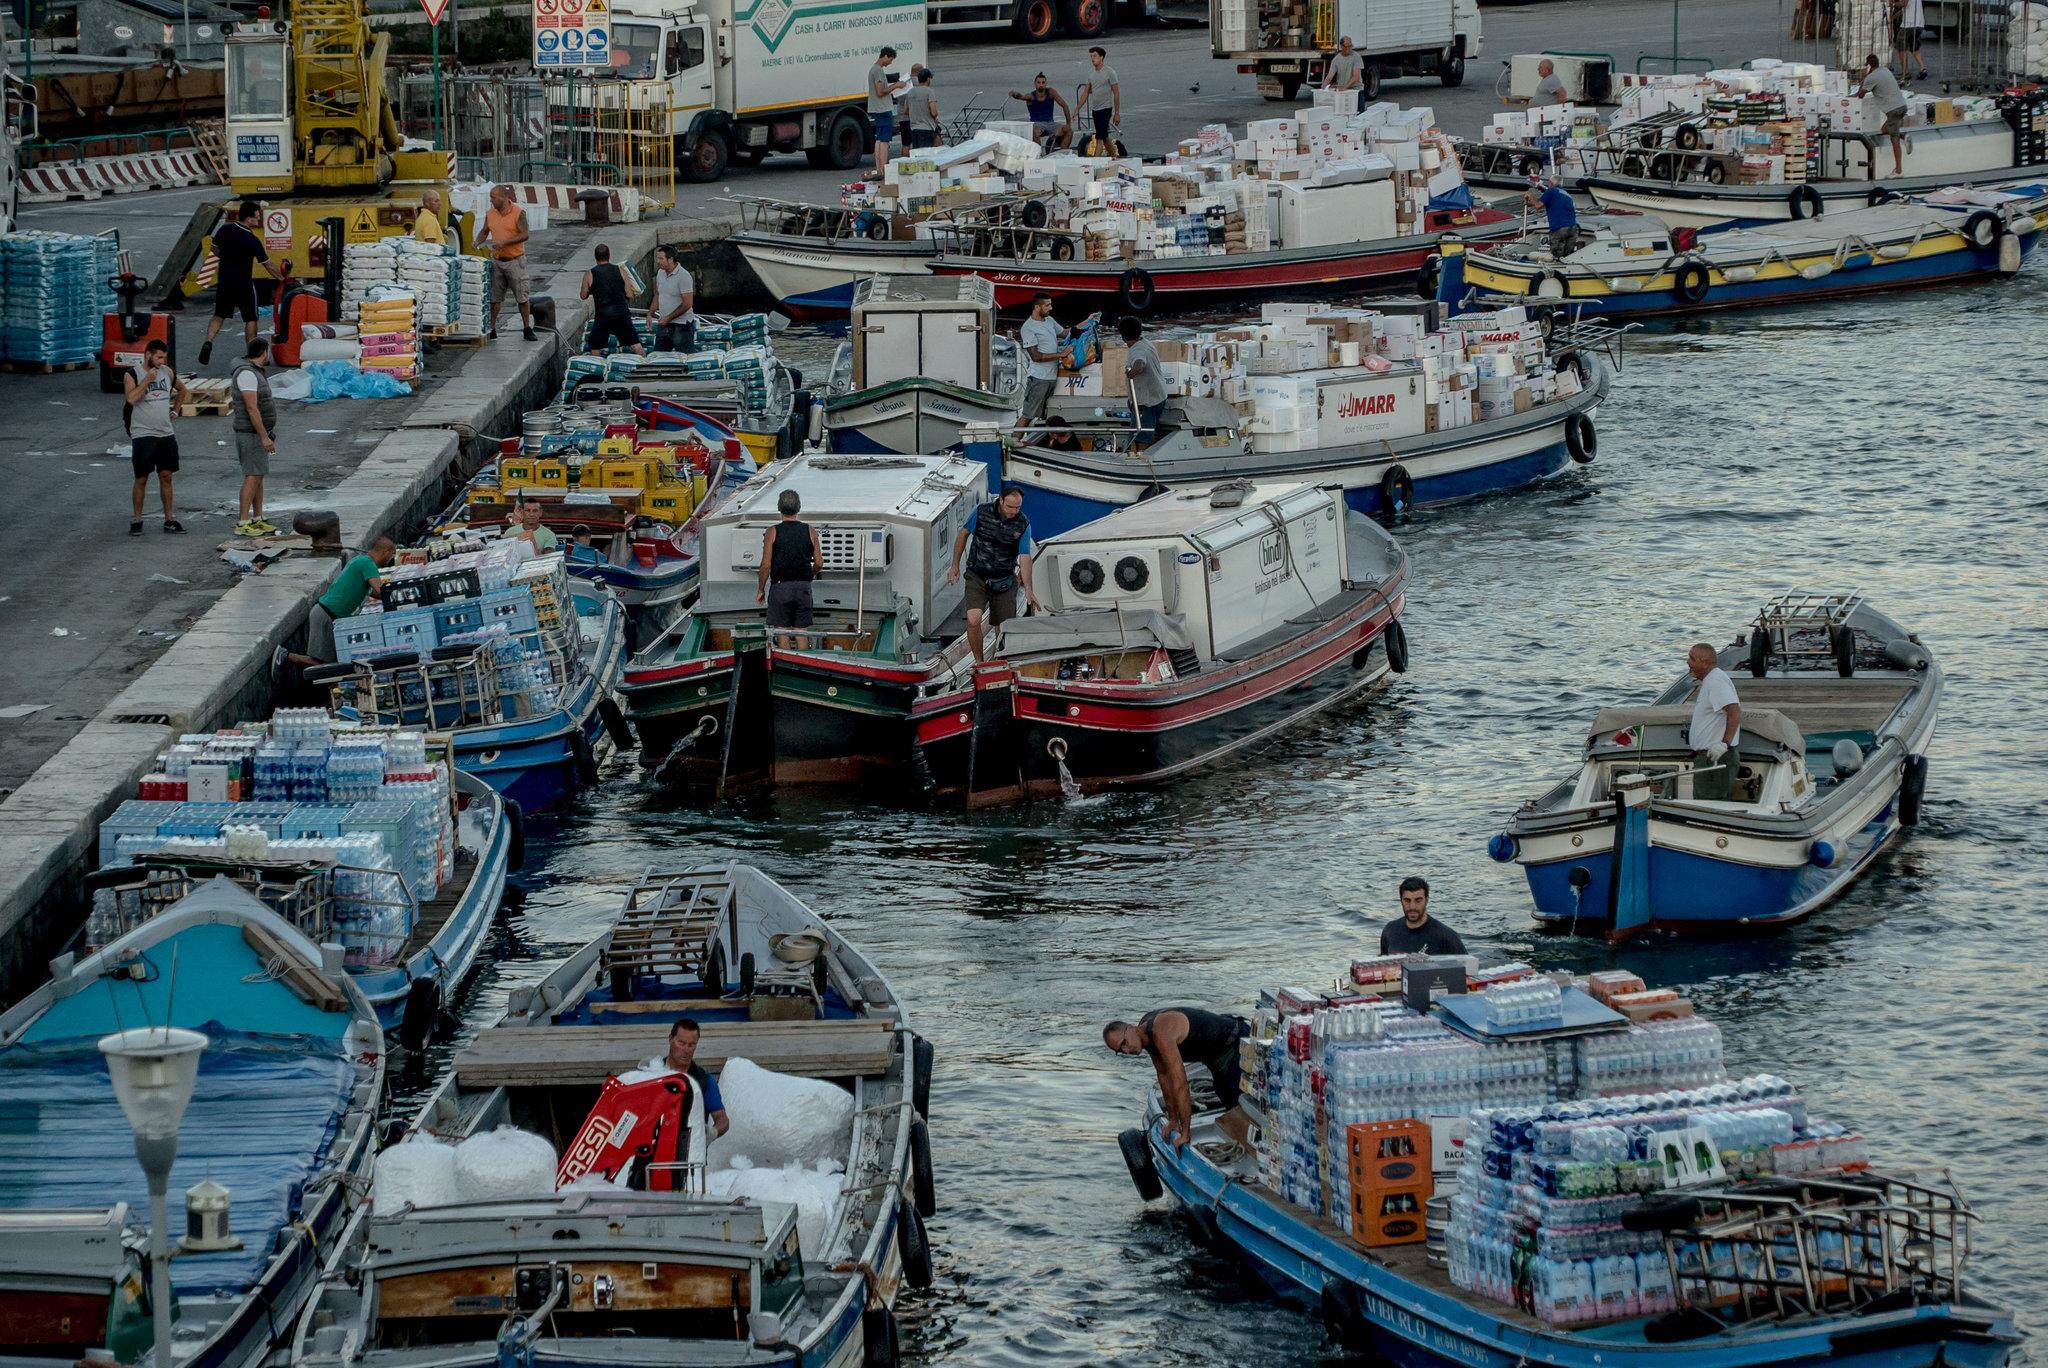 Venice: Thành phố tình yêu bị bức tử bởi… tình yêu - Ảnh 6.